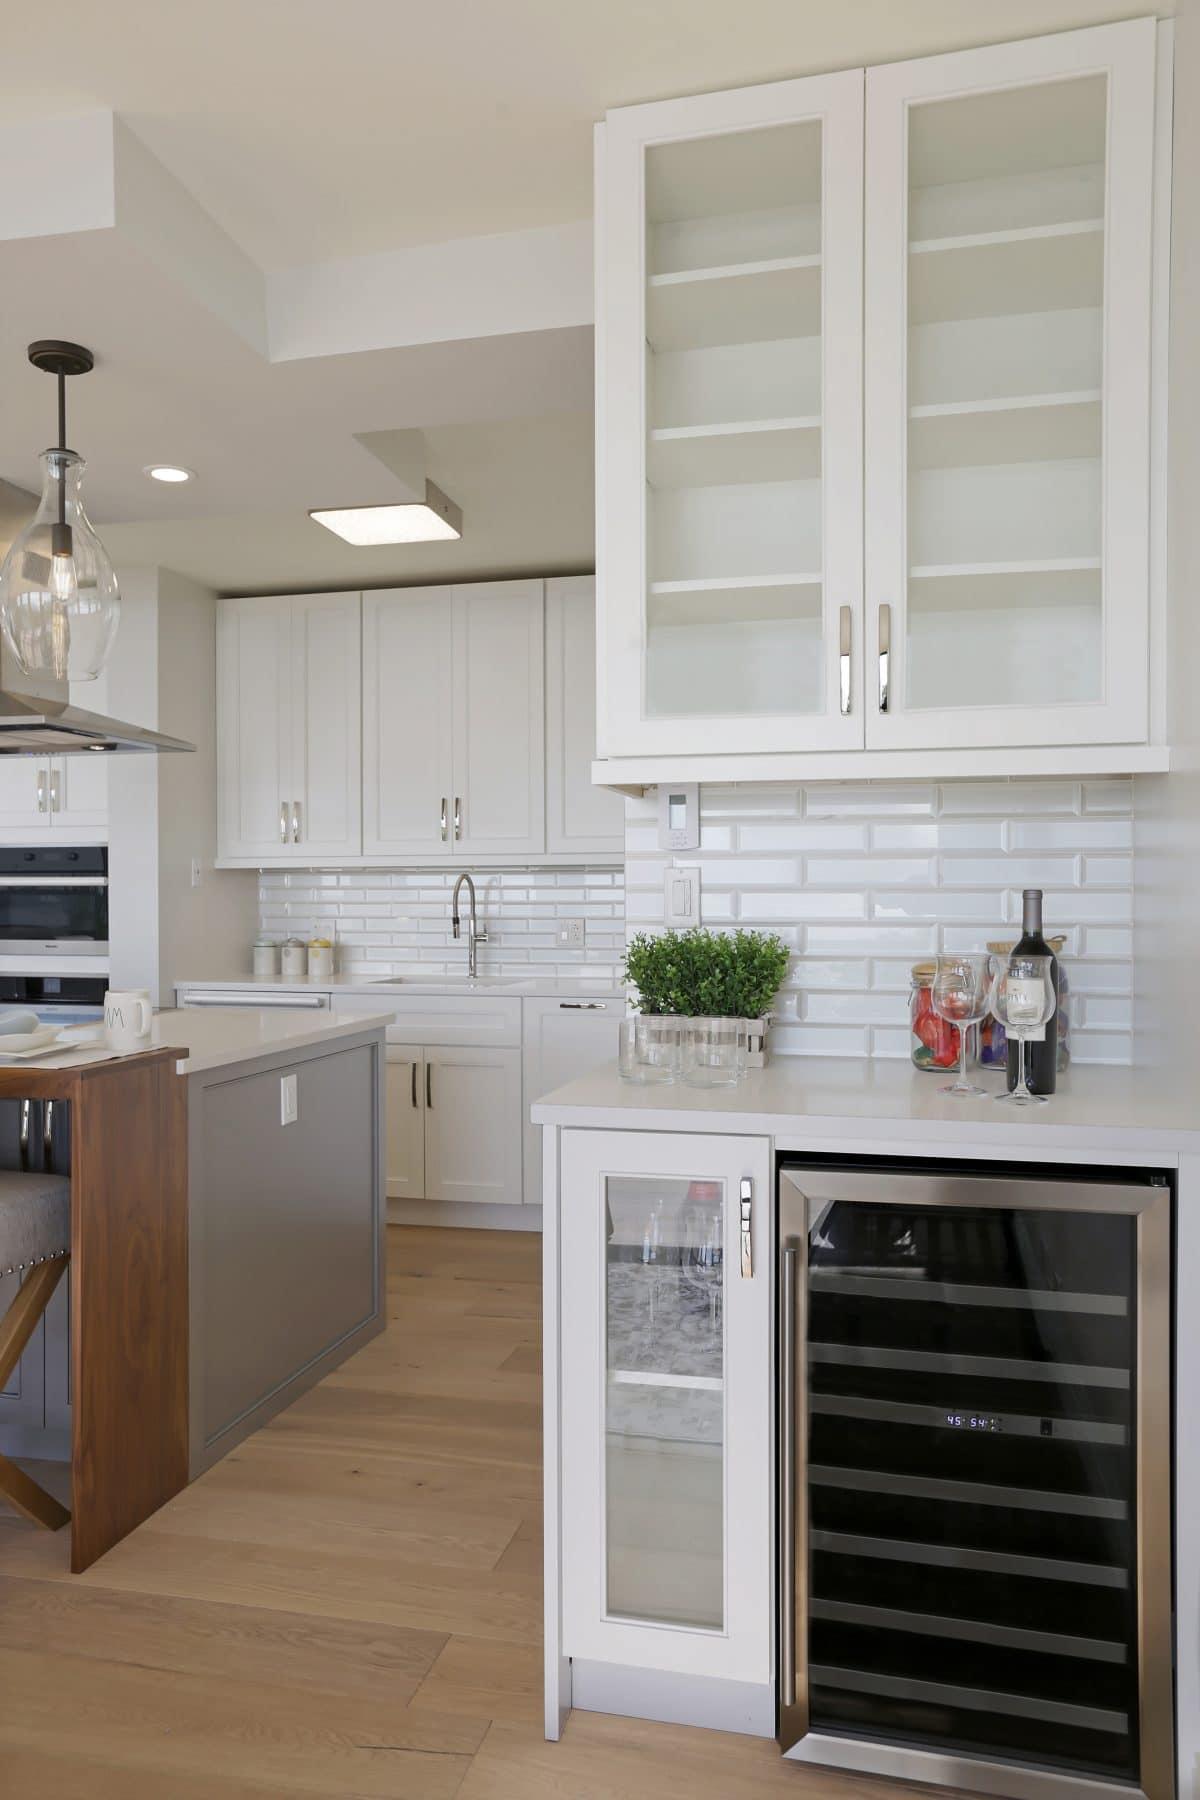 Kitchen Cabinets Paradise Valley AZ Austin Morgan